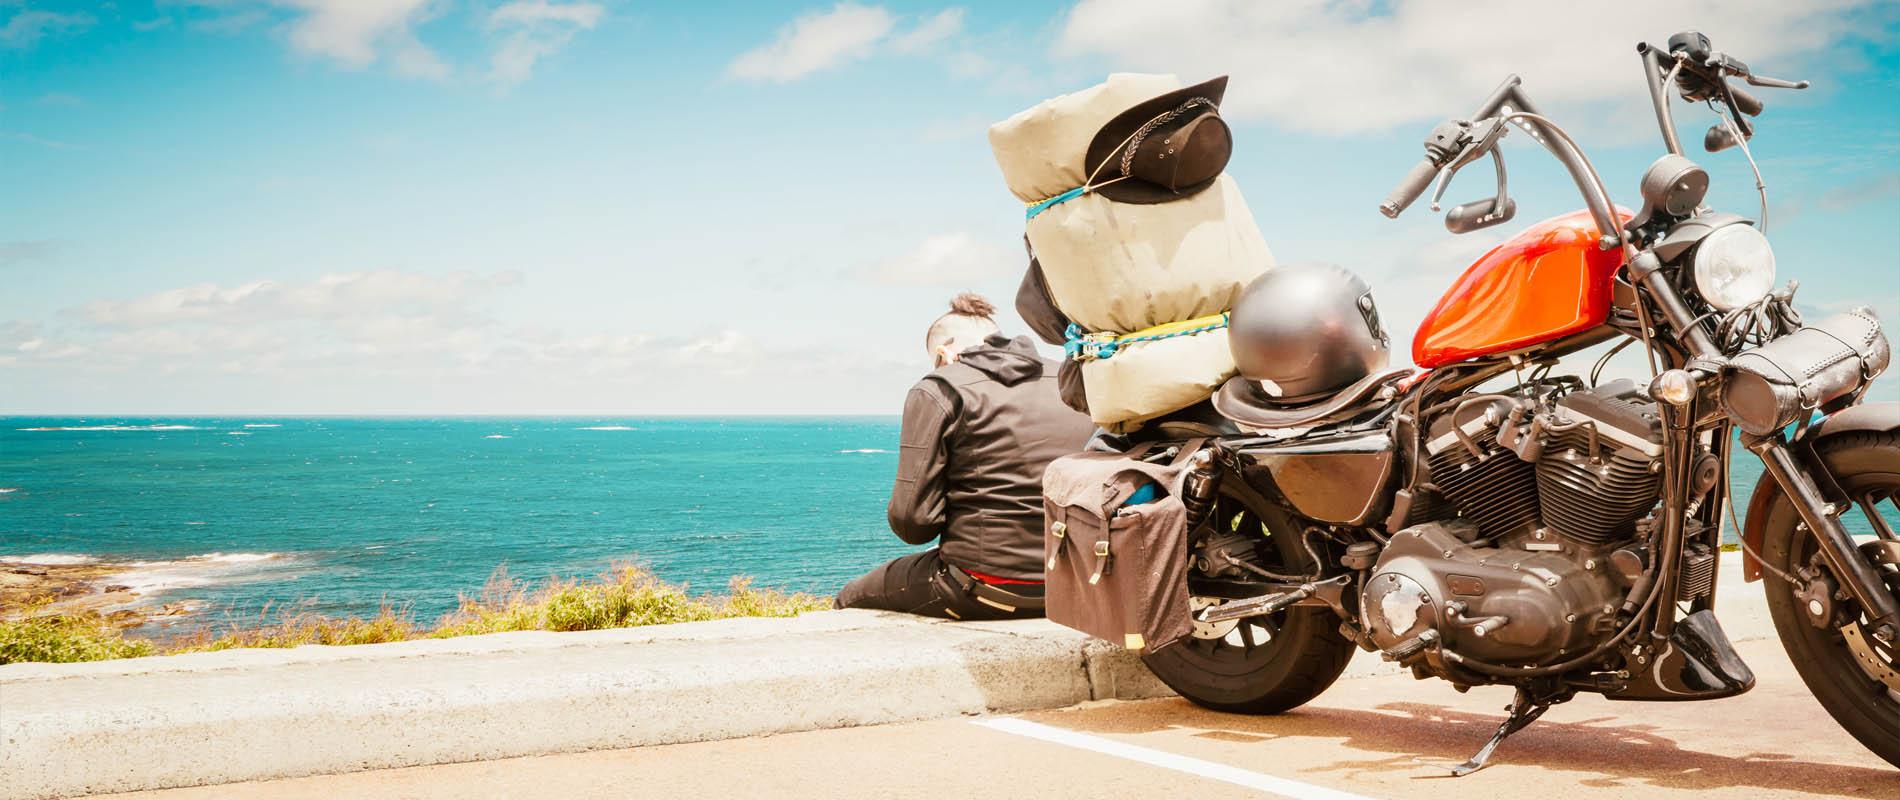 Viaggia in sicurezza